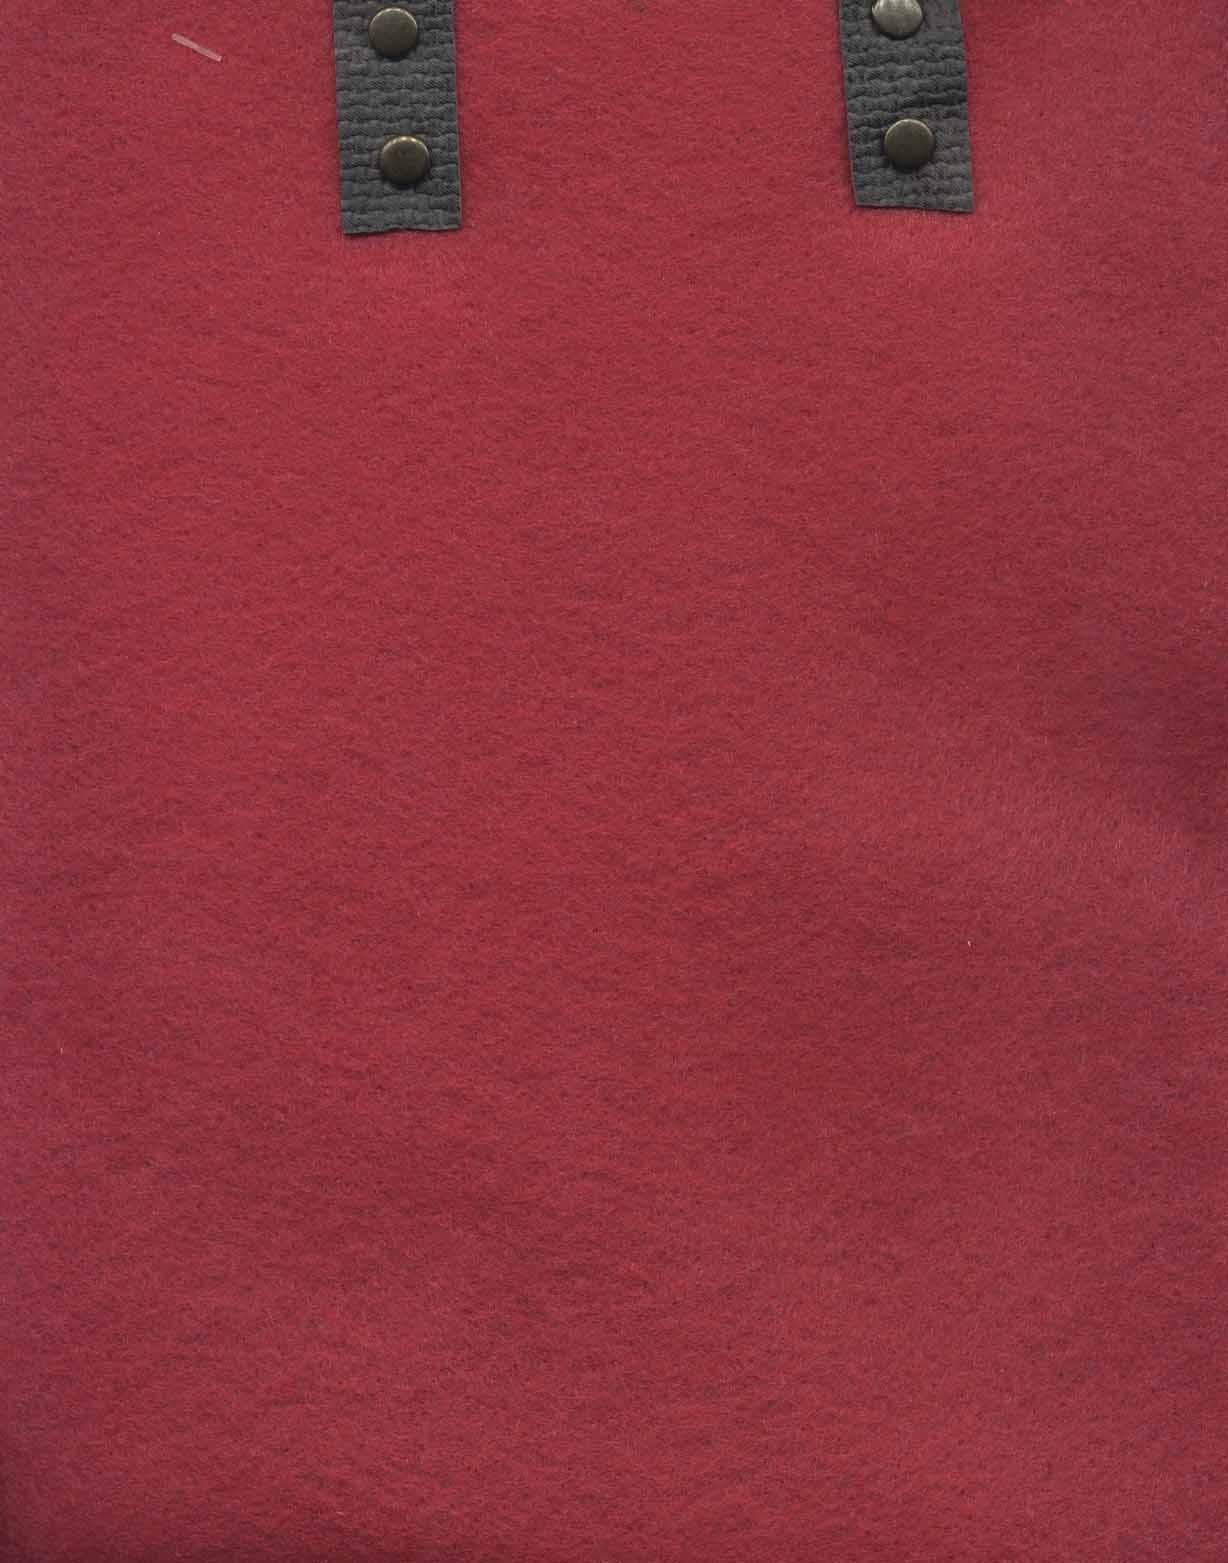 کیف خرید پارچه ای متوسط (کد 121)